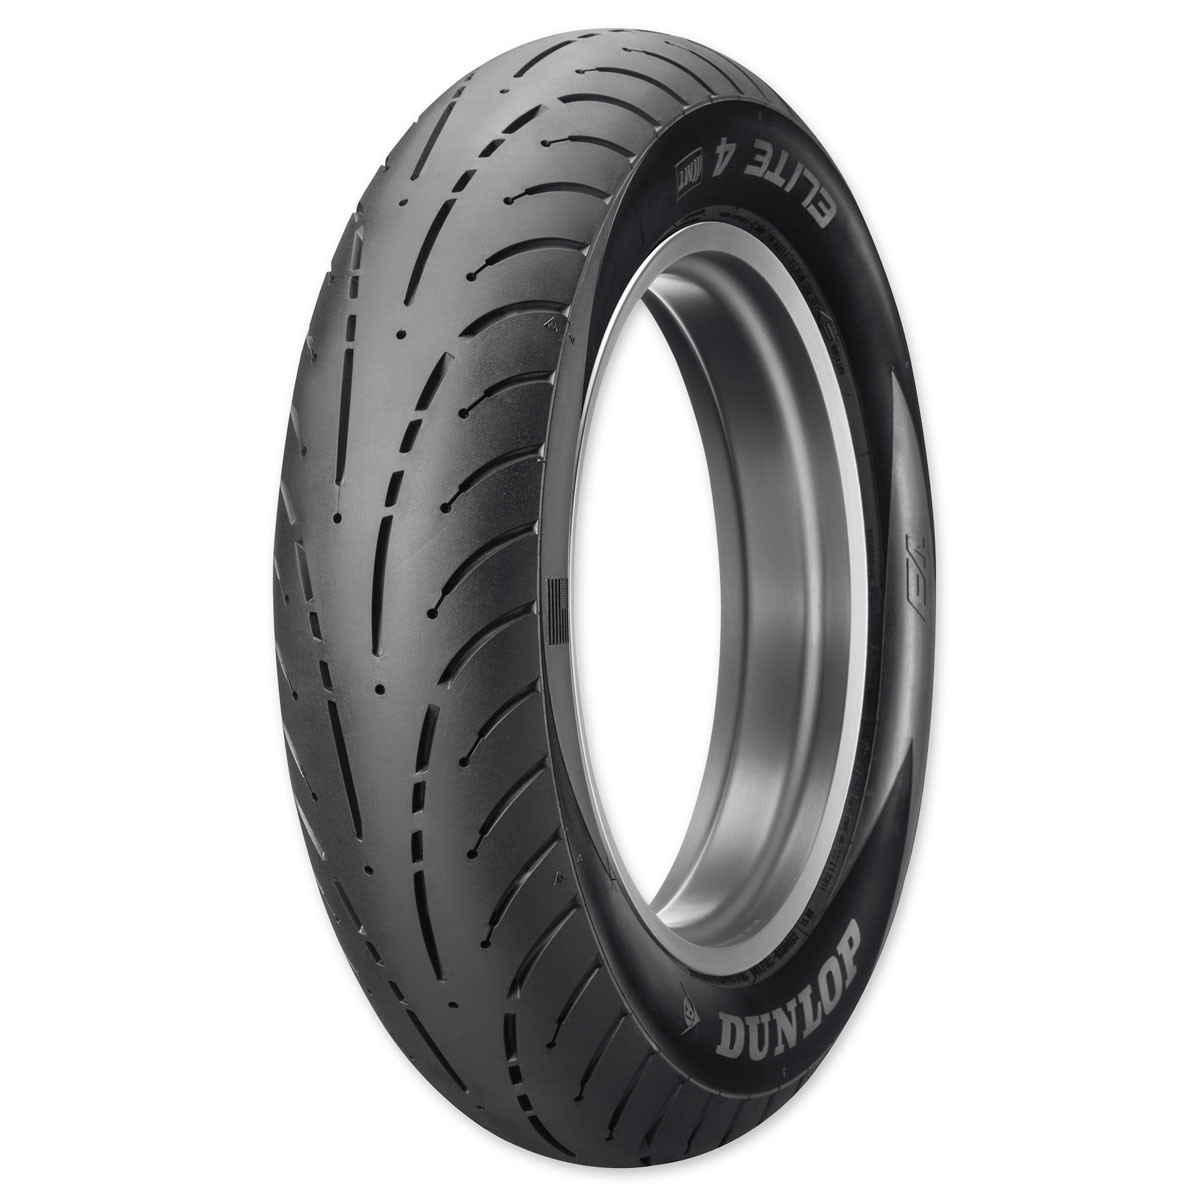 Dunlop Elite 4 130/90B16 Rear Tire